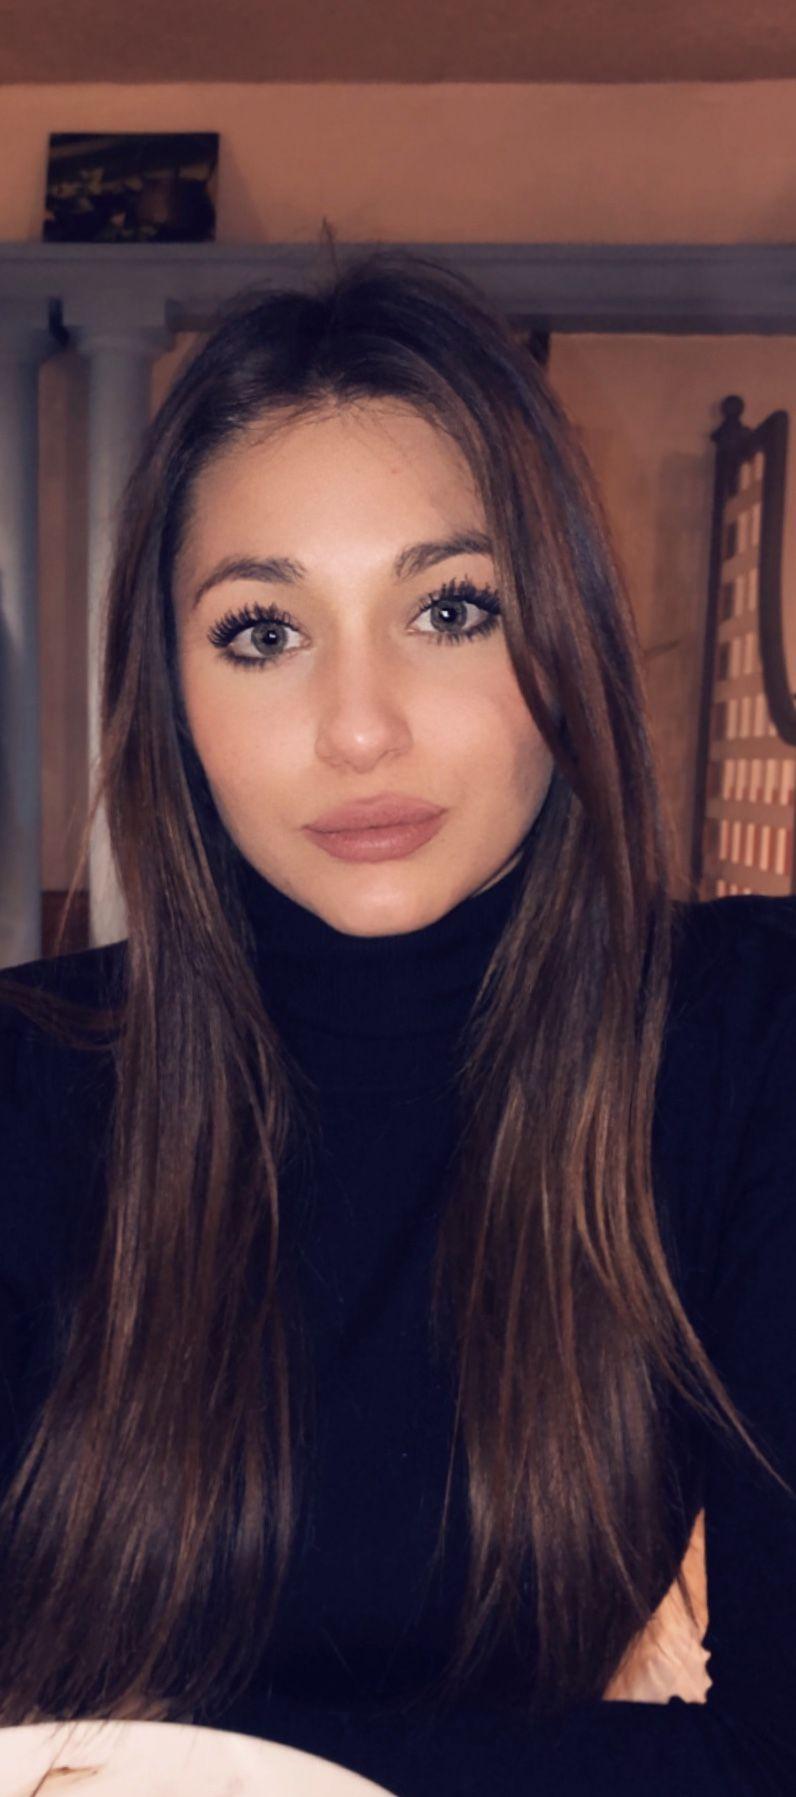 cormeilles-en-parisis vieille femme seule recherche de la femme âgés de 20 pour le sexe